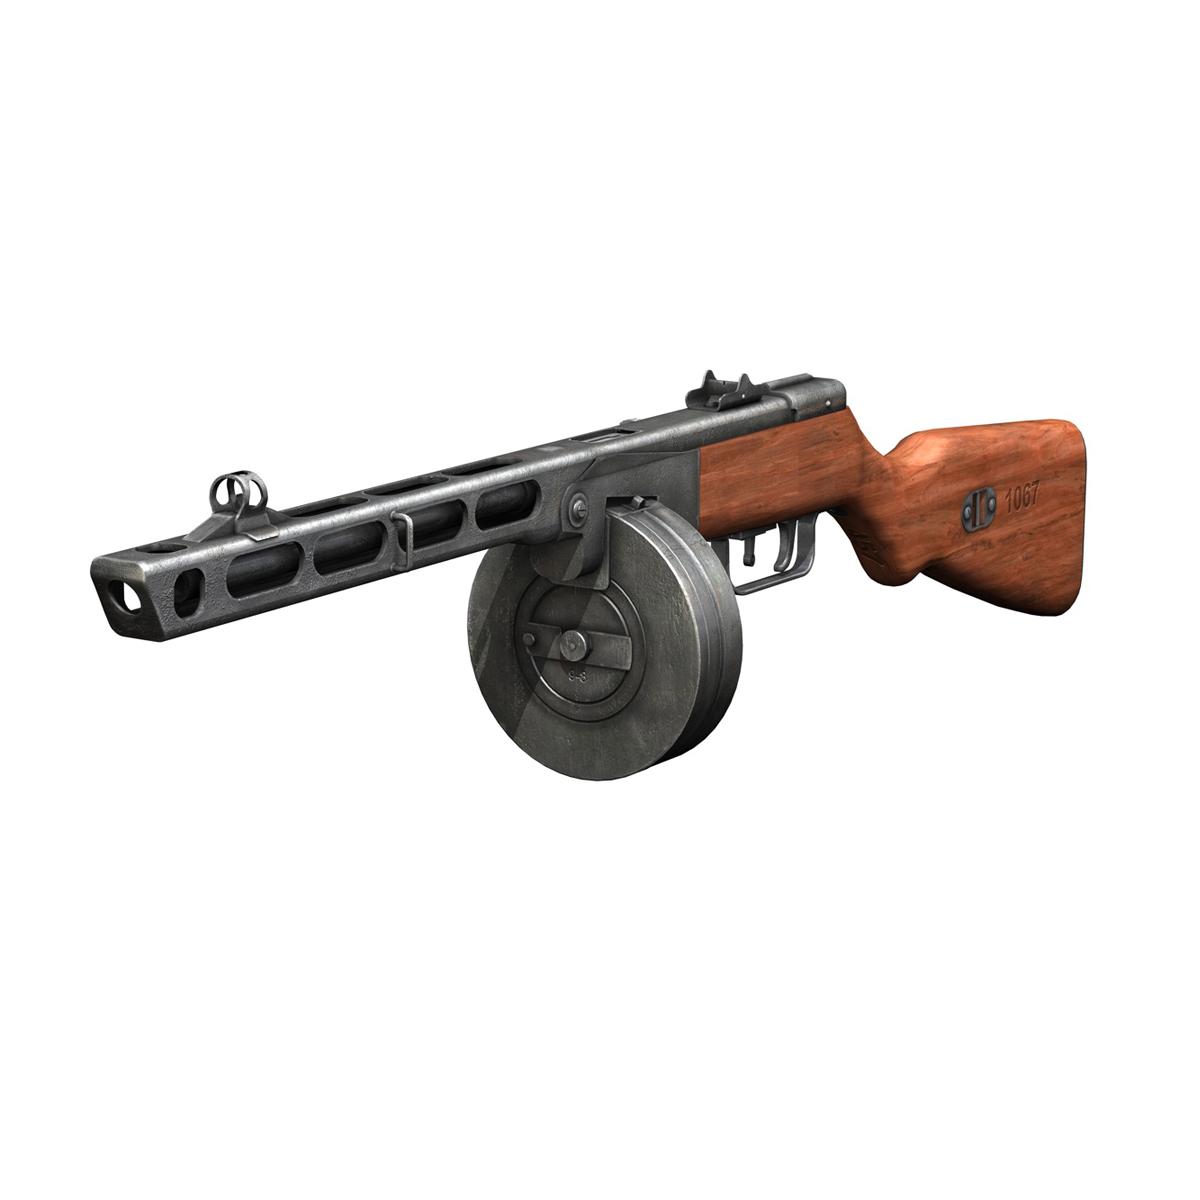 ppsh-41 – soviet submachine gun 3d model 3ds fbx c4d lwo obj 196951